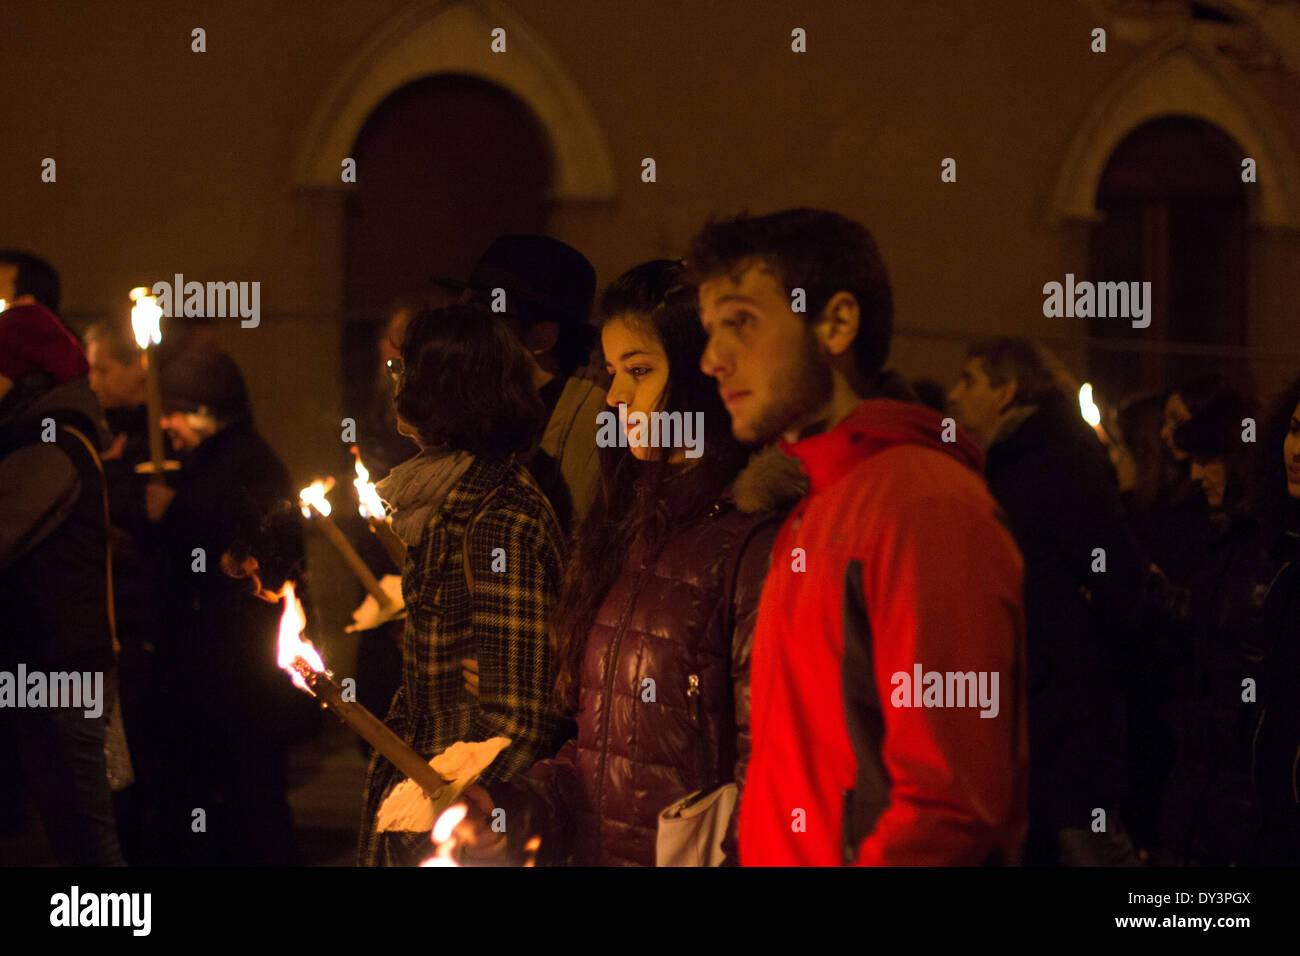 L ' Aquila, Italien. 5. April 2014. Mitmachen bei einer Kerze Kundgebung in l ' Aquila am 6. April 2014 um den fünften Jahrestag des großen Erdbebens zu gedenken, die das Gebiet getroffen. Tausende von Menschen auf ein Fackelzug zum Gedenken an die Katastrophe begann. Männer und Frauen aller Altersgruppen marschierten in Stille und in der Kälte mit Kerzen oder Fackeln durch die Straßen. 6. April 2009 Erdbeben hat 309 Menschen getötet und hat die Region verwüstet. (Kredit-Bild: © Manuel Romano/NurPhoto/ZUMAPRESS.com) Stockbild